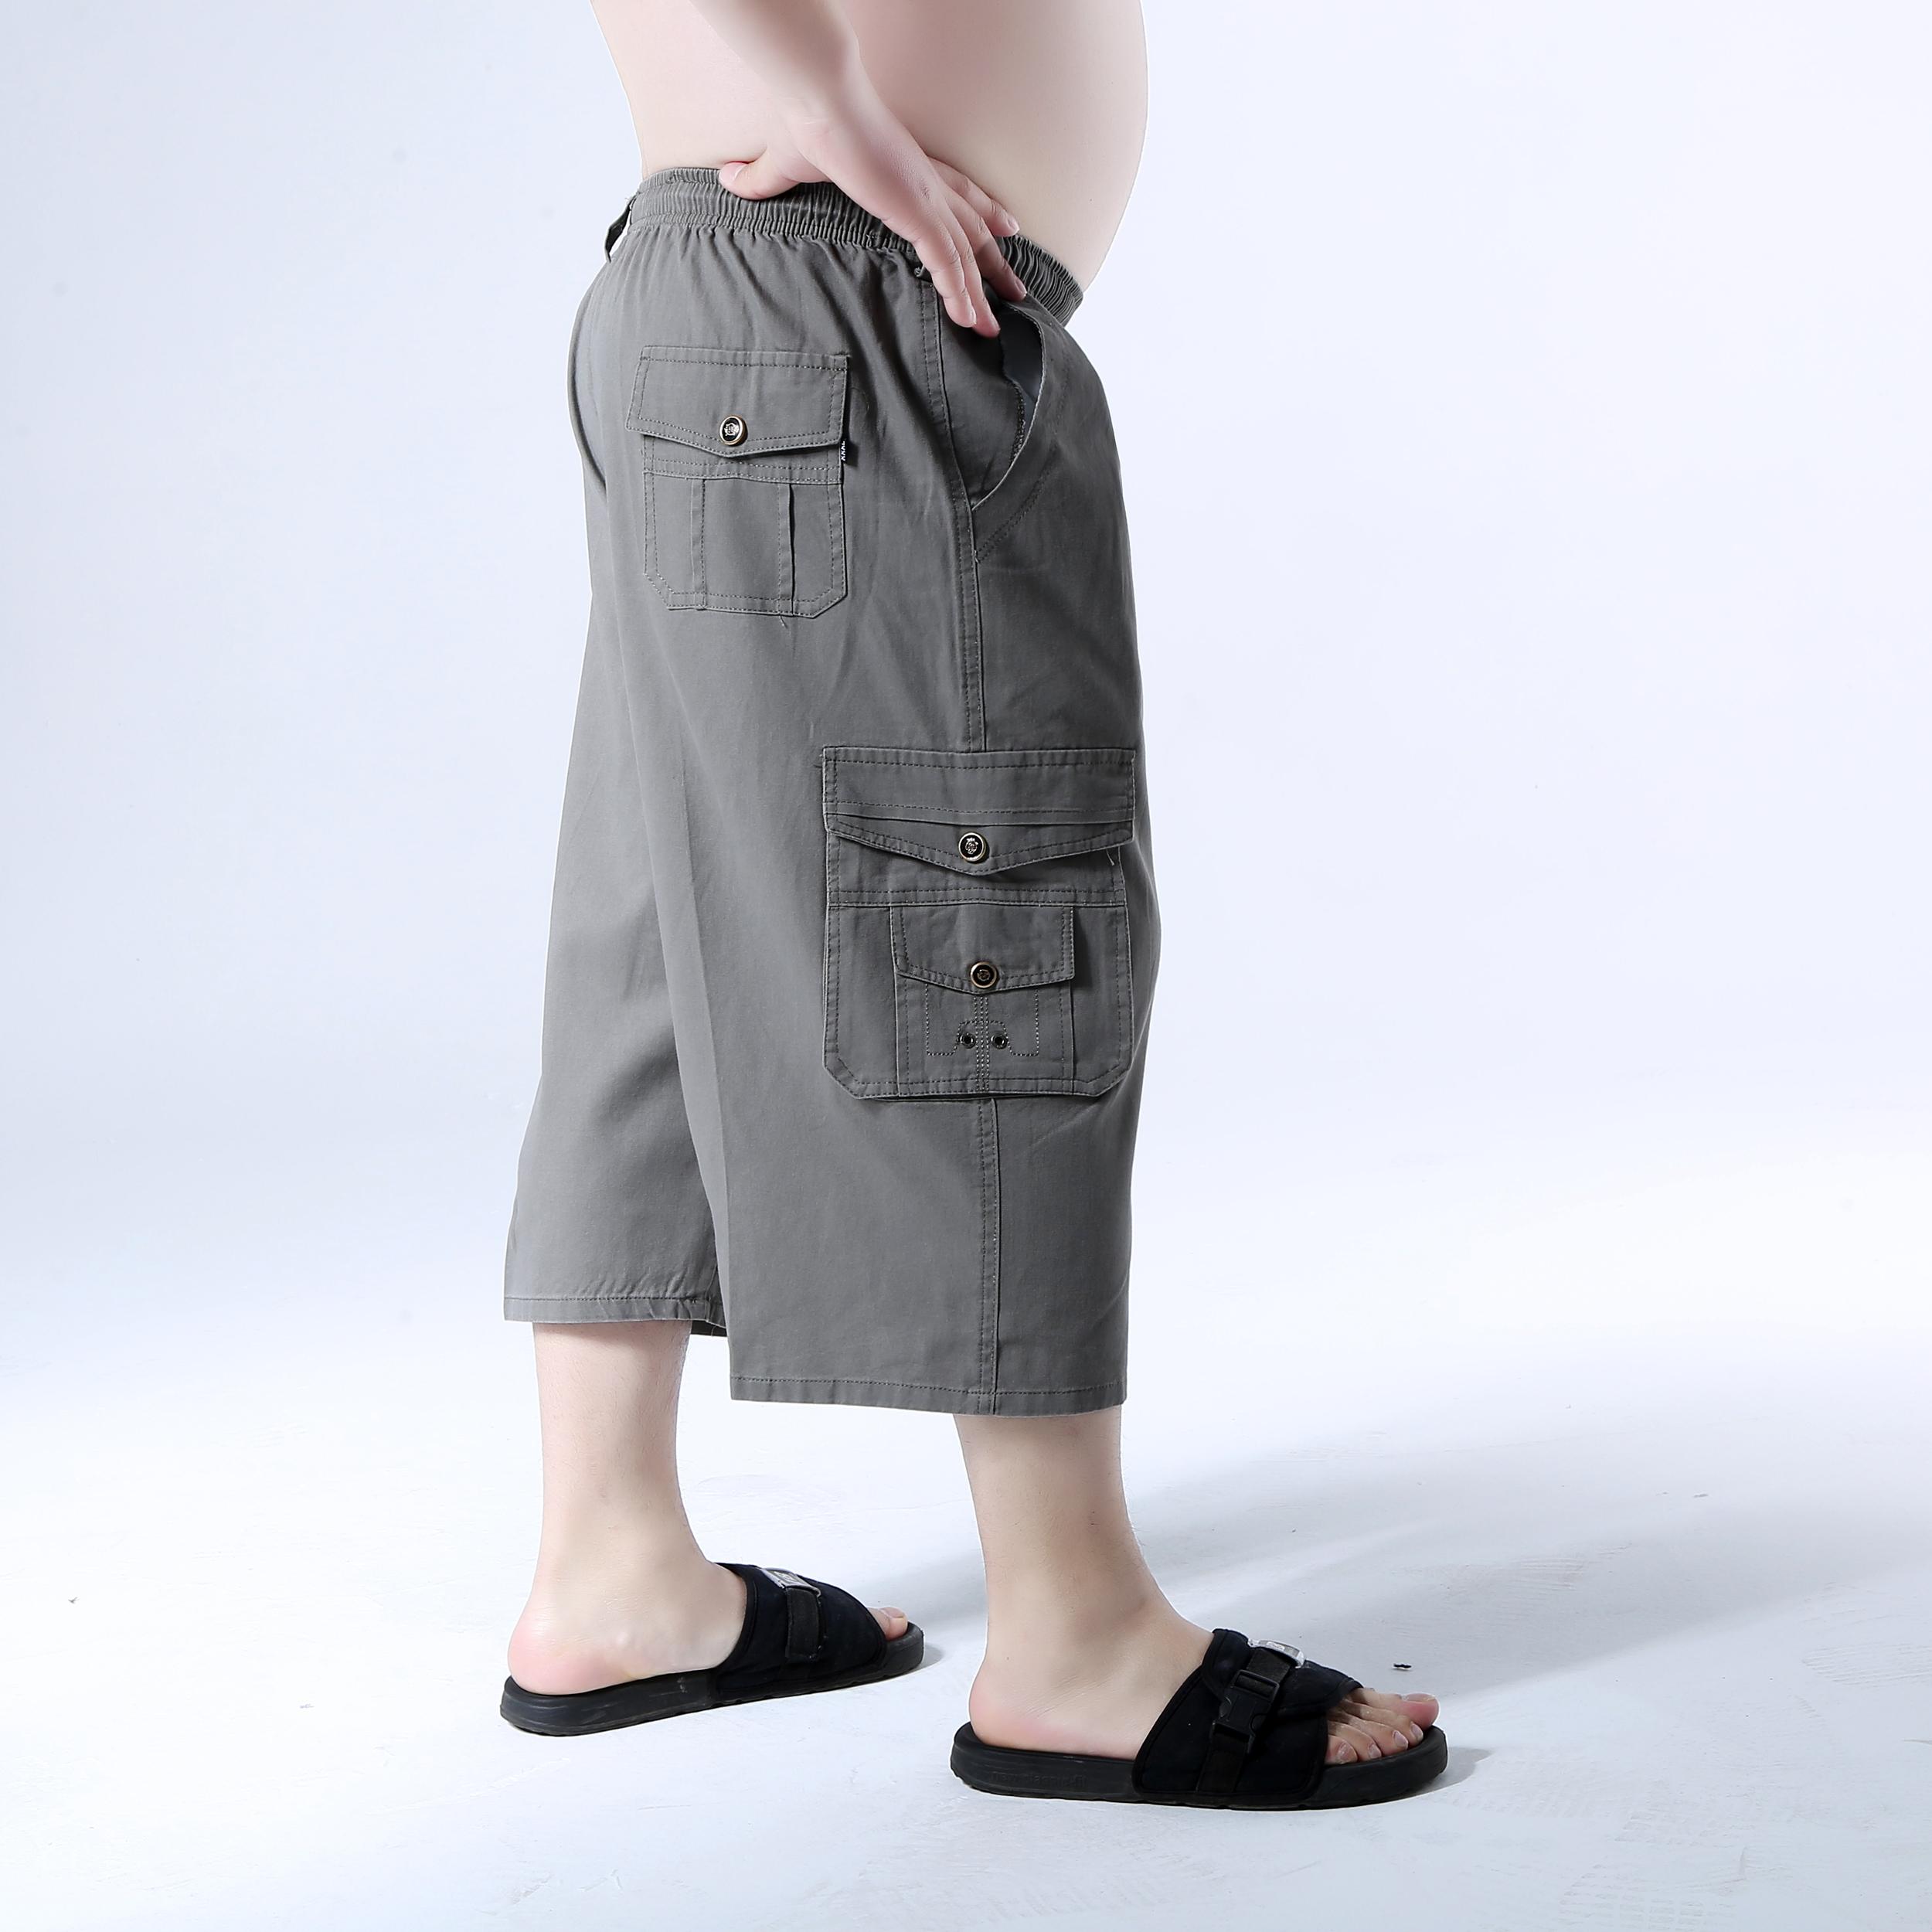 Mùa hè người đàn ông trung niên của bông cắt quần lỏng thẳng quần trung niên đàn hồi eo 7 điểm dụng cụ quần short